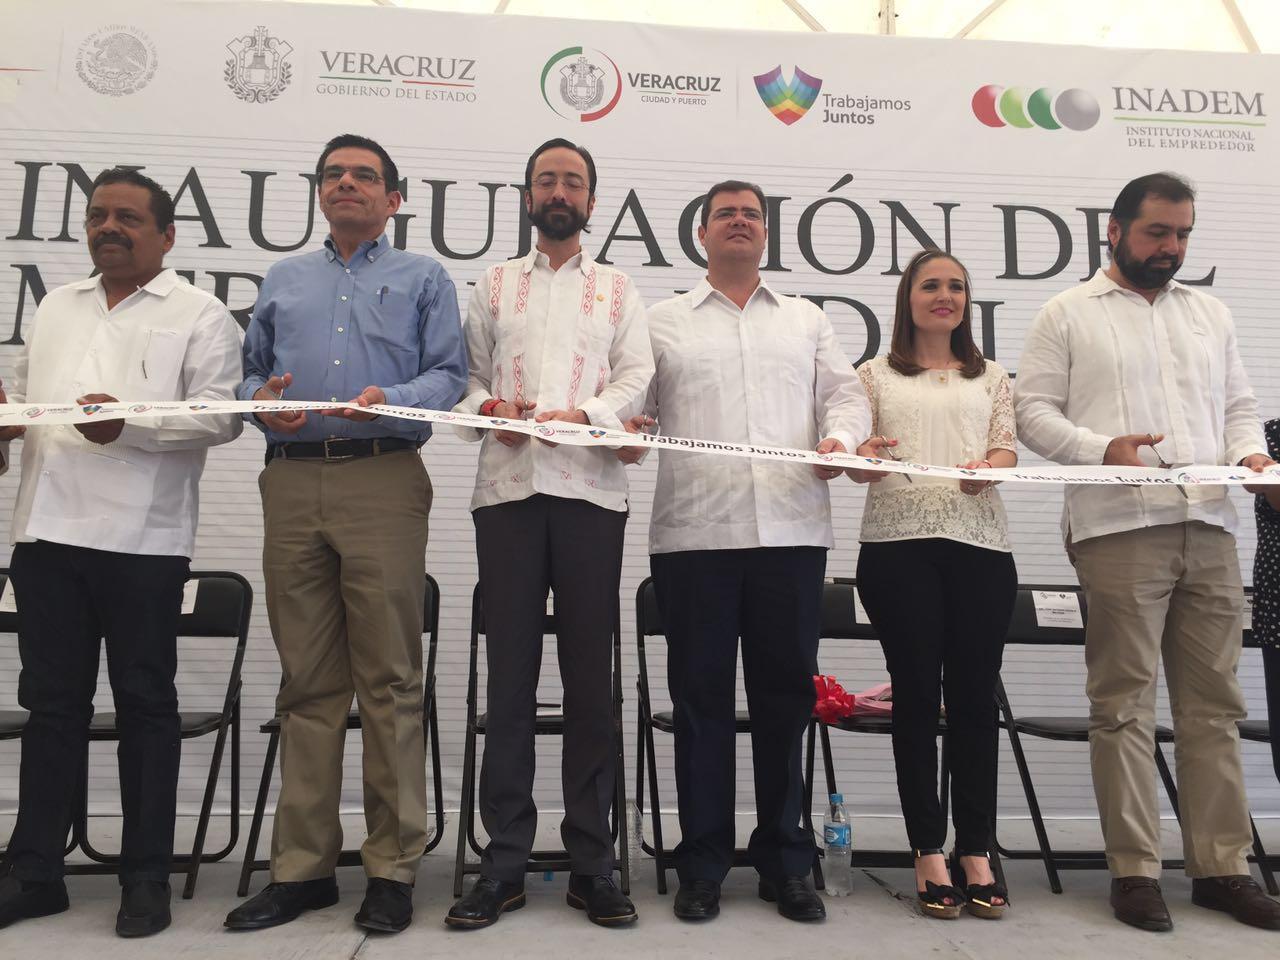 INADEM impulsa la actividad productiva de pequeños comerciantes en Veracruz